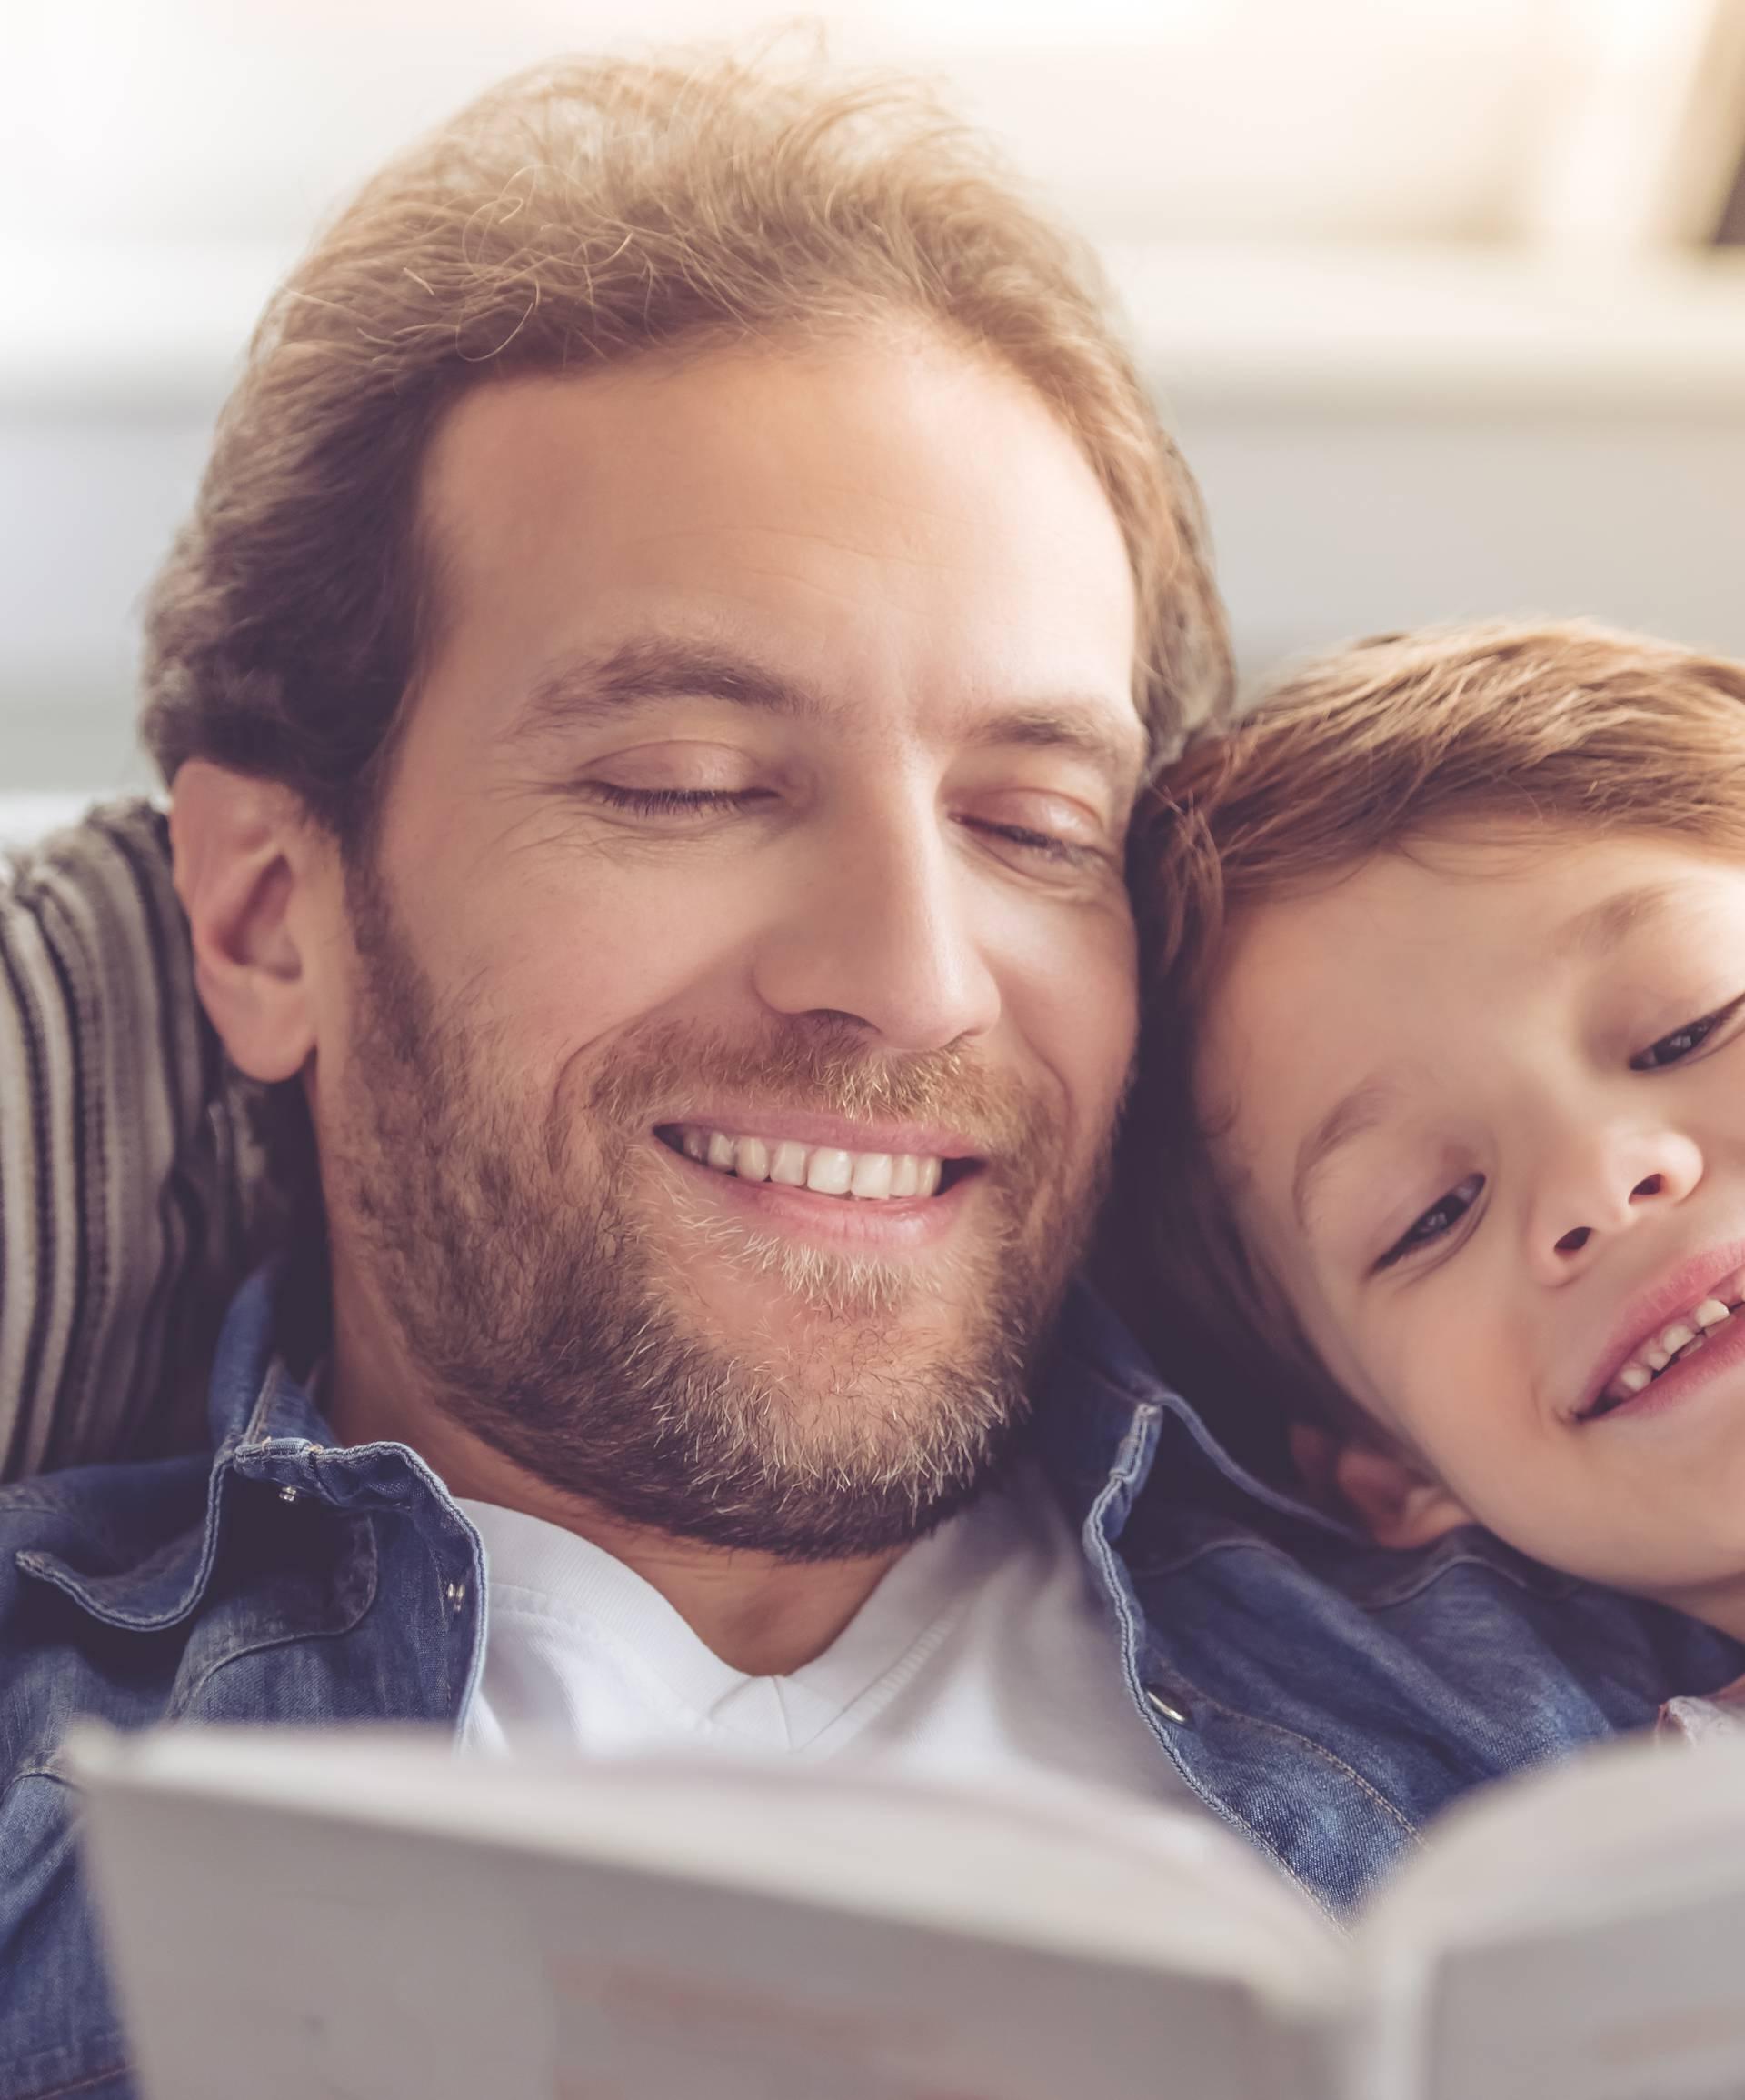 Ovih 10 stvari roditelji nikada ne bi trebali reći svojoj djeci